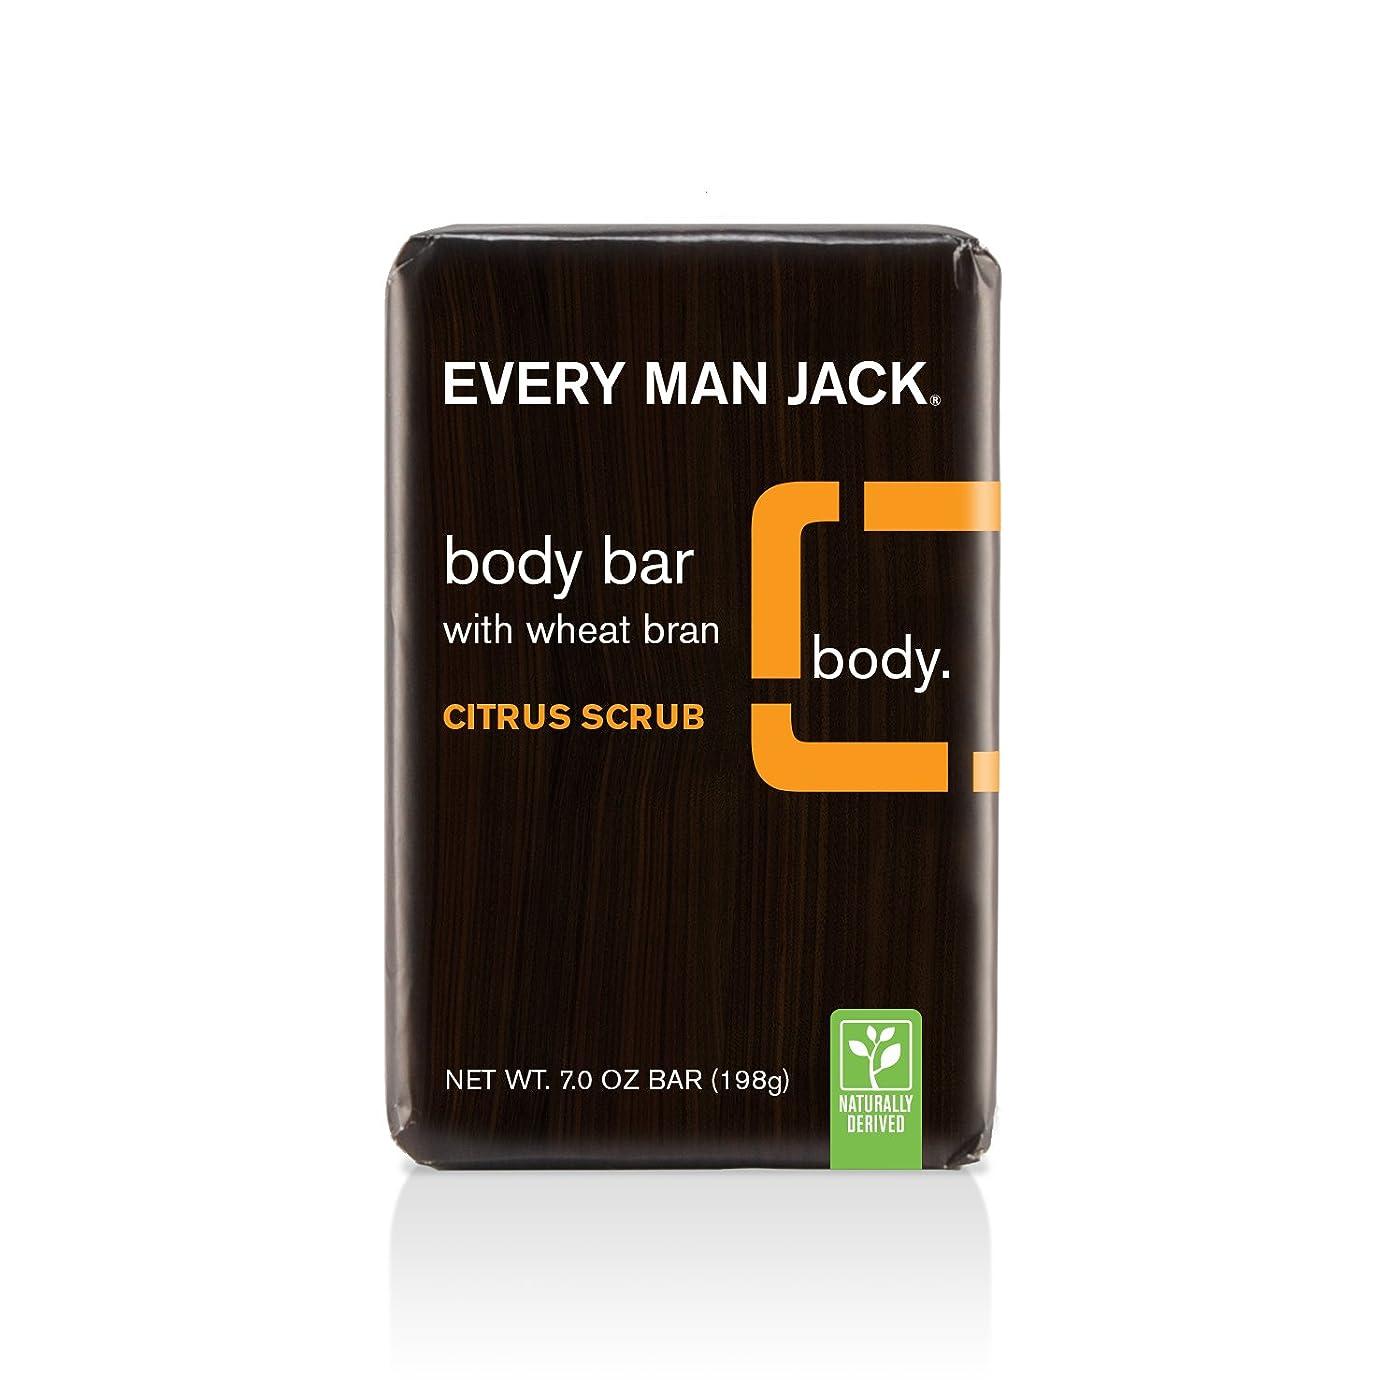 呼び出す限り疫病海外直送品Body Bar Soap, Citrus Scrub 7 oz by Every Man Jack